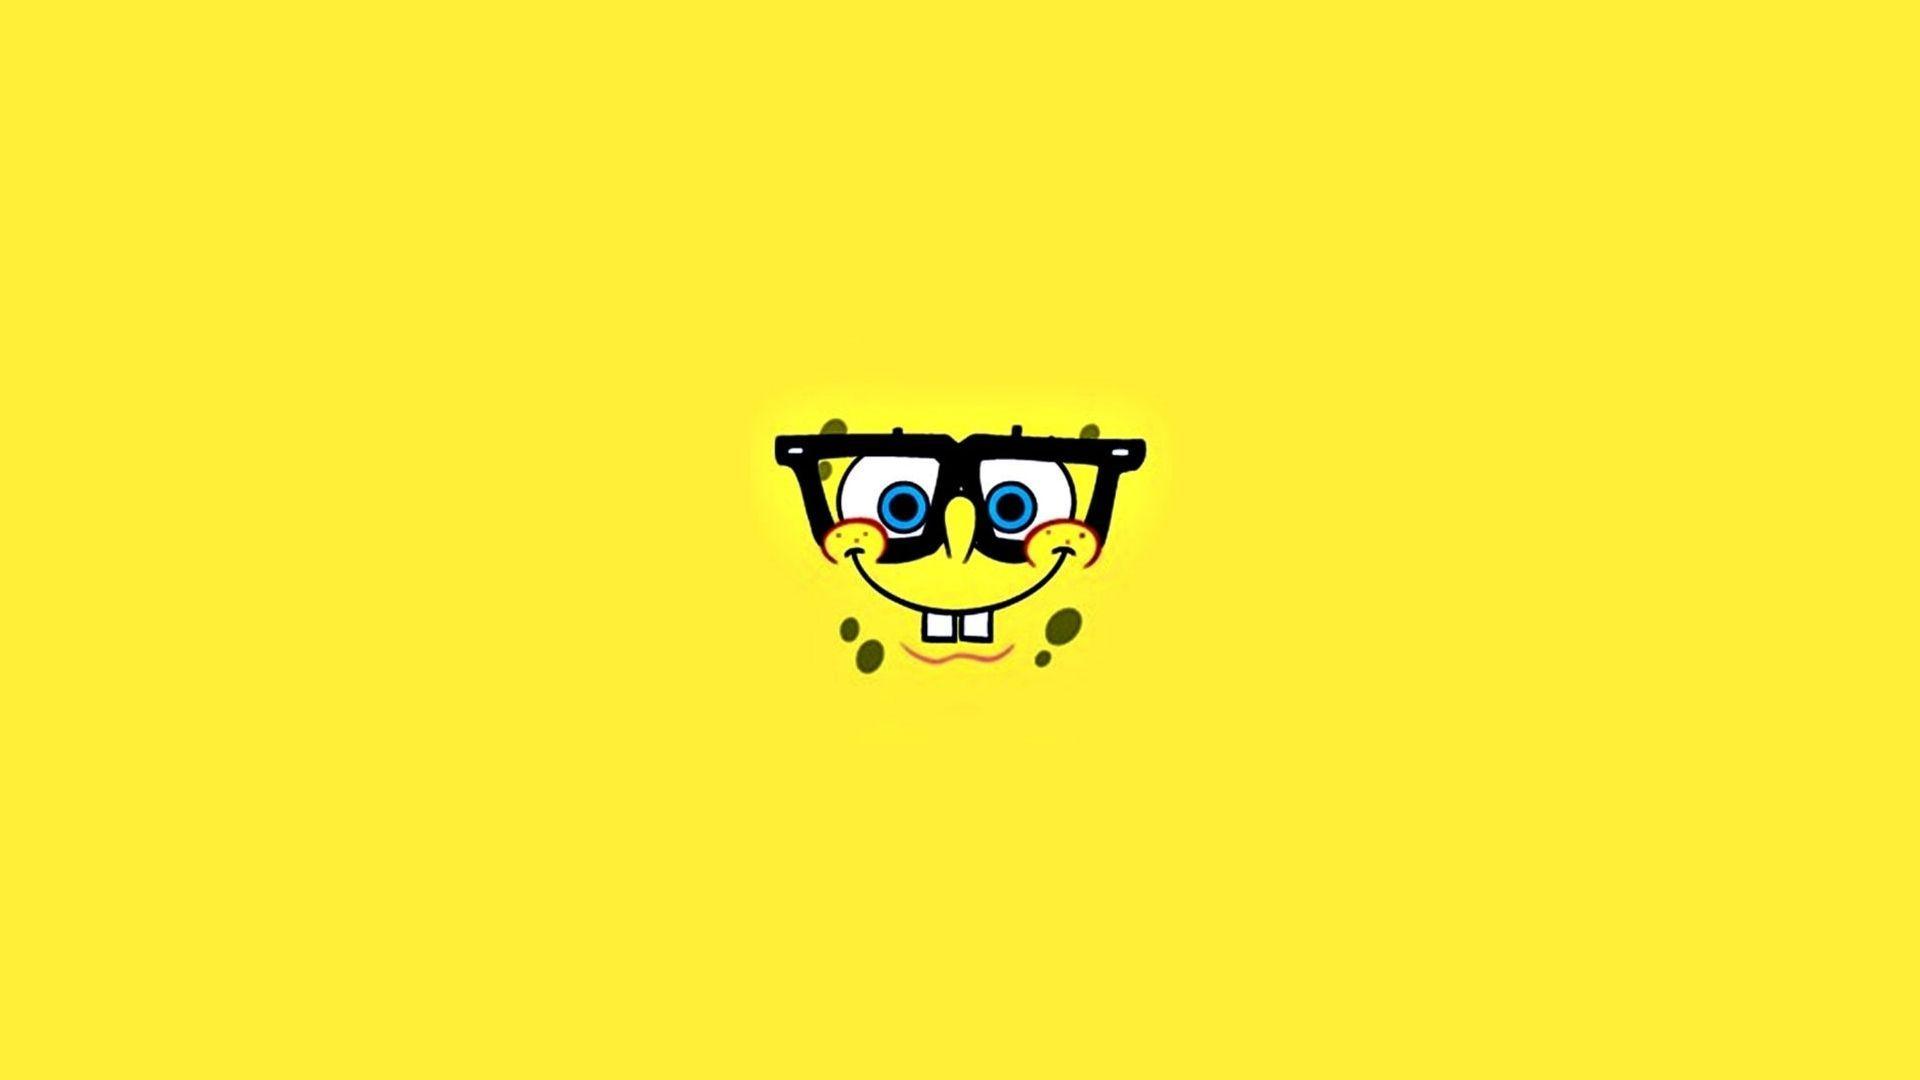 1920x1080 Spongebob hình nền